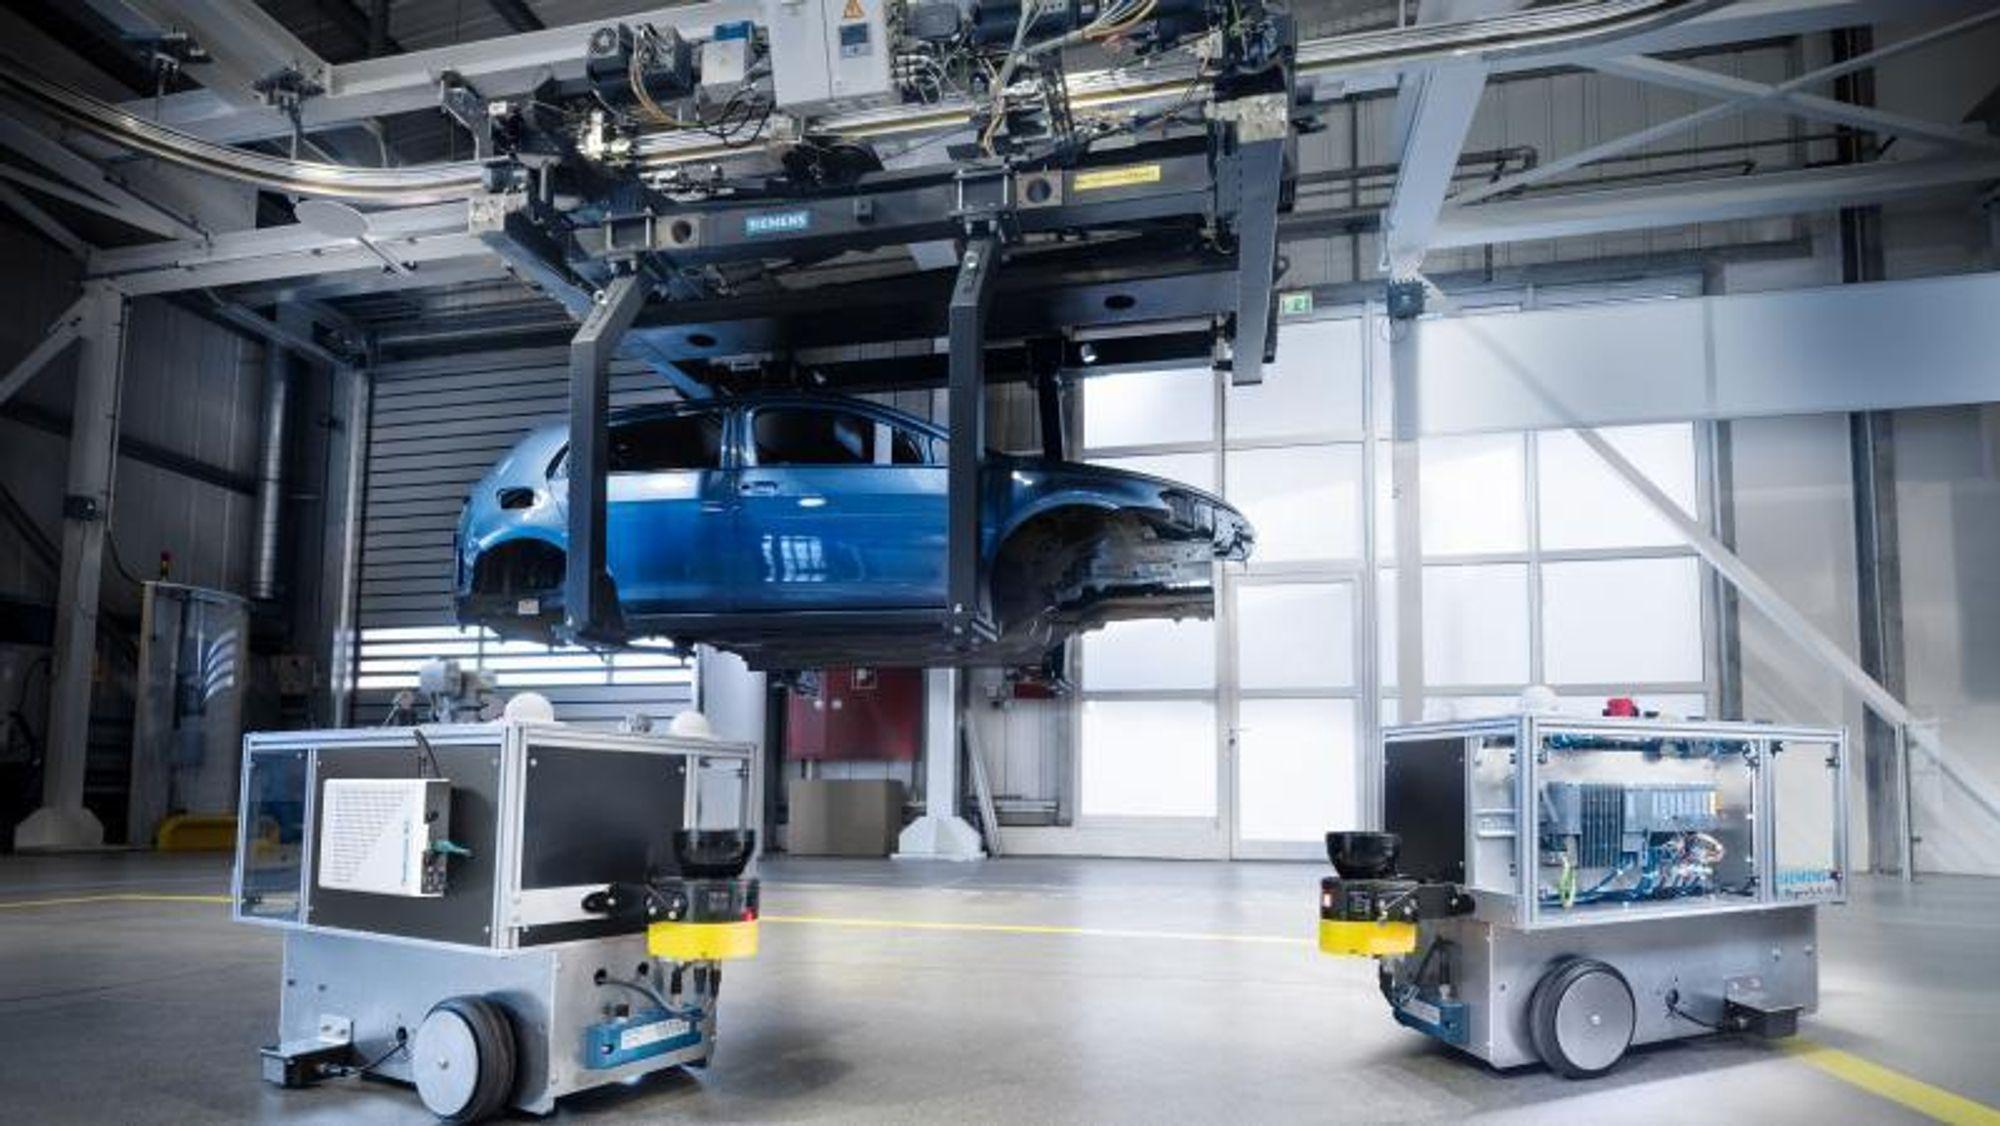 På Siemens' testsenter i Nürnberg er nå et privat 5G-nettverk i drift. Roboter som disse skal testes på nettverket.